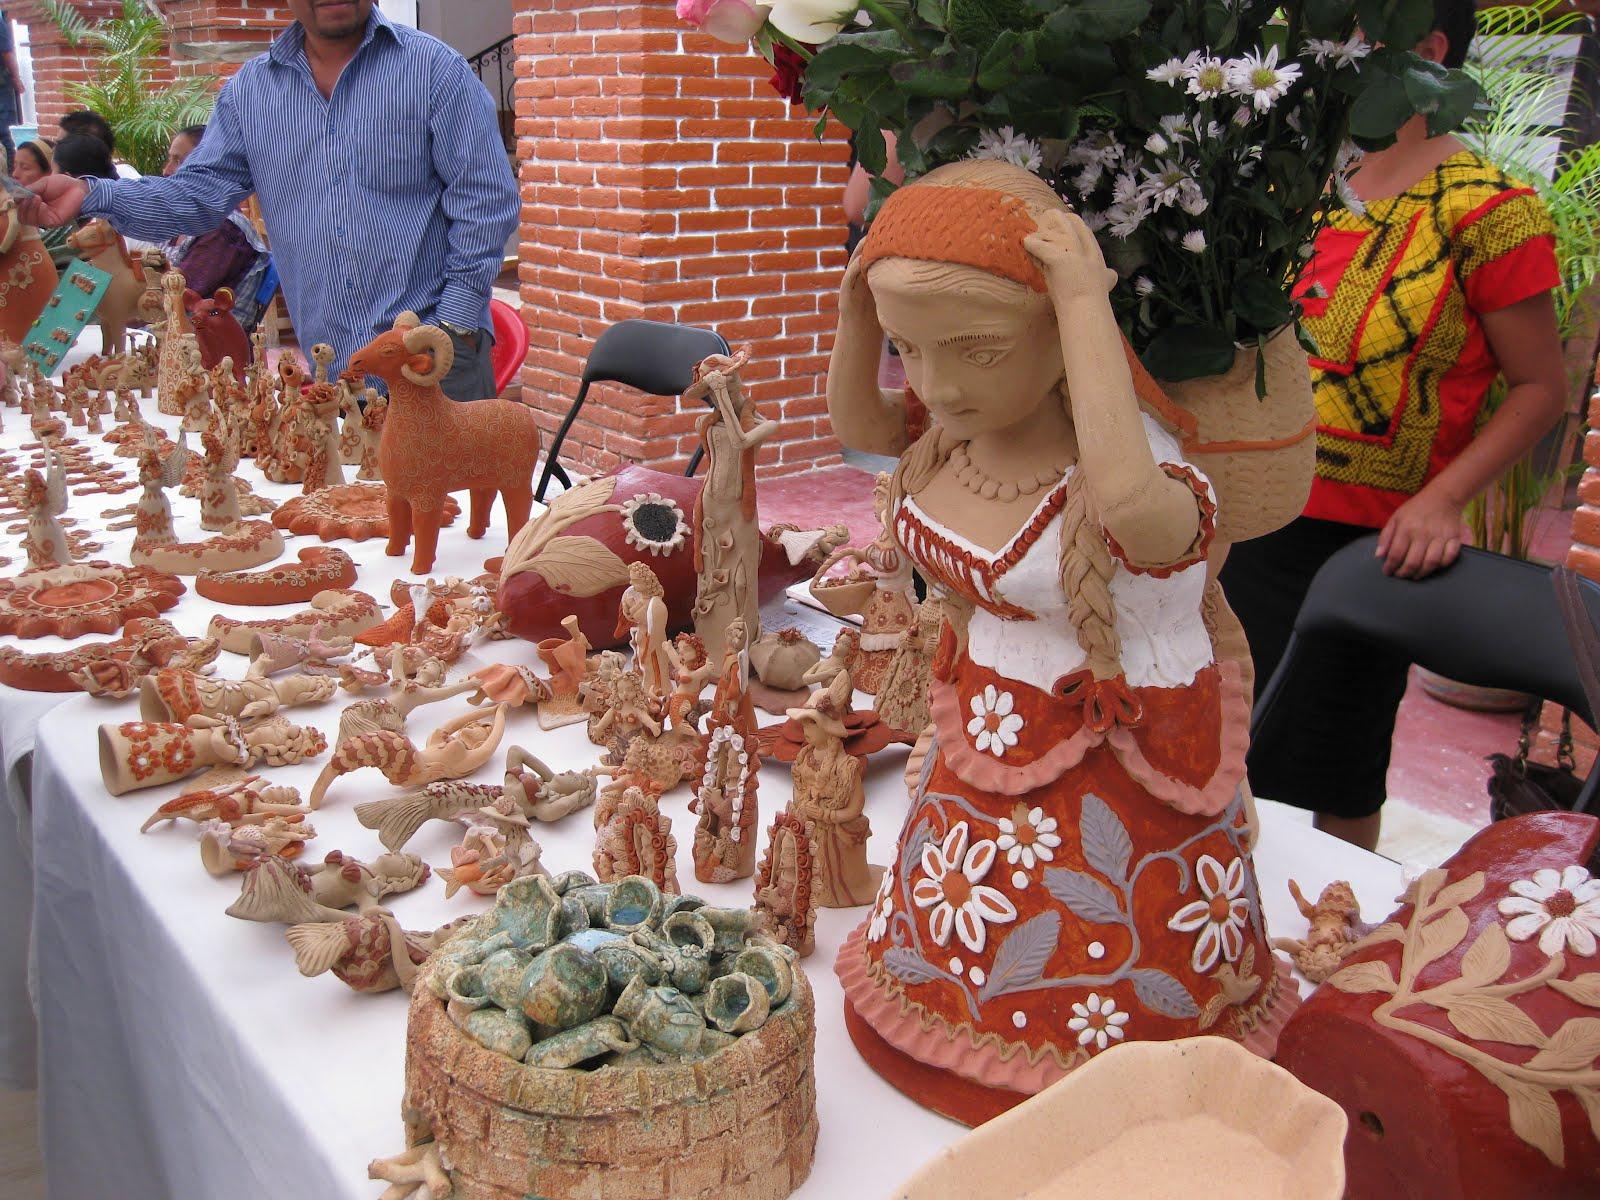 Artesanato Com Tecido De Guarda Chuva ~ Gestores Culturales de Oaxaca Exposición Artesanal de Barro Verde en Santa María Atzompa, Oaxaca